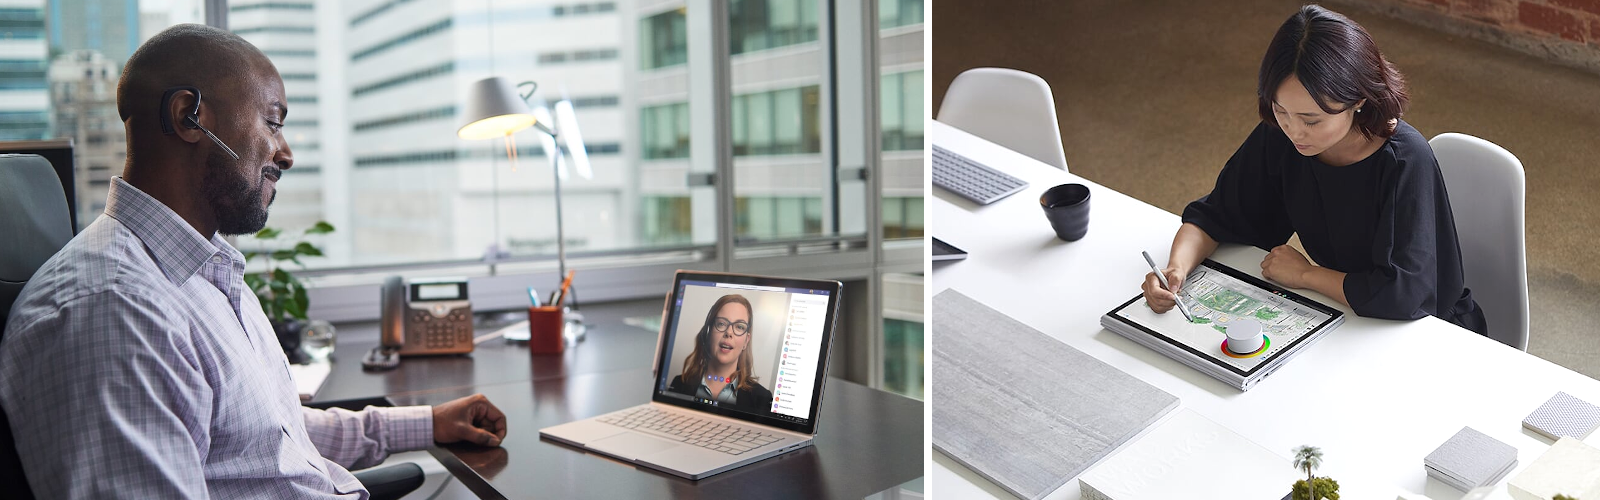 Auf dem linken Bild telefoniert ein Mann an seinem Schreibtisch per Teams-Videochat mit einer Frau, auf dem rechten Bild zeichnet eine Frau mit Surface Pen und Surface Dial auf dem Surface Book